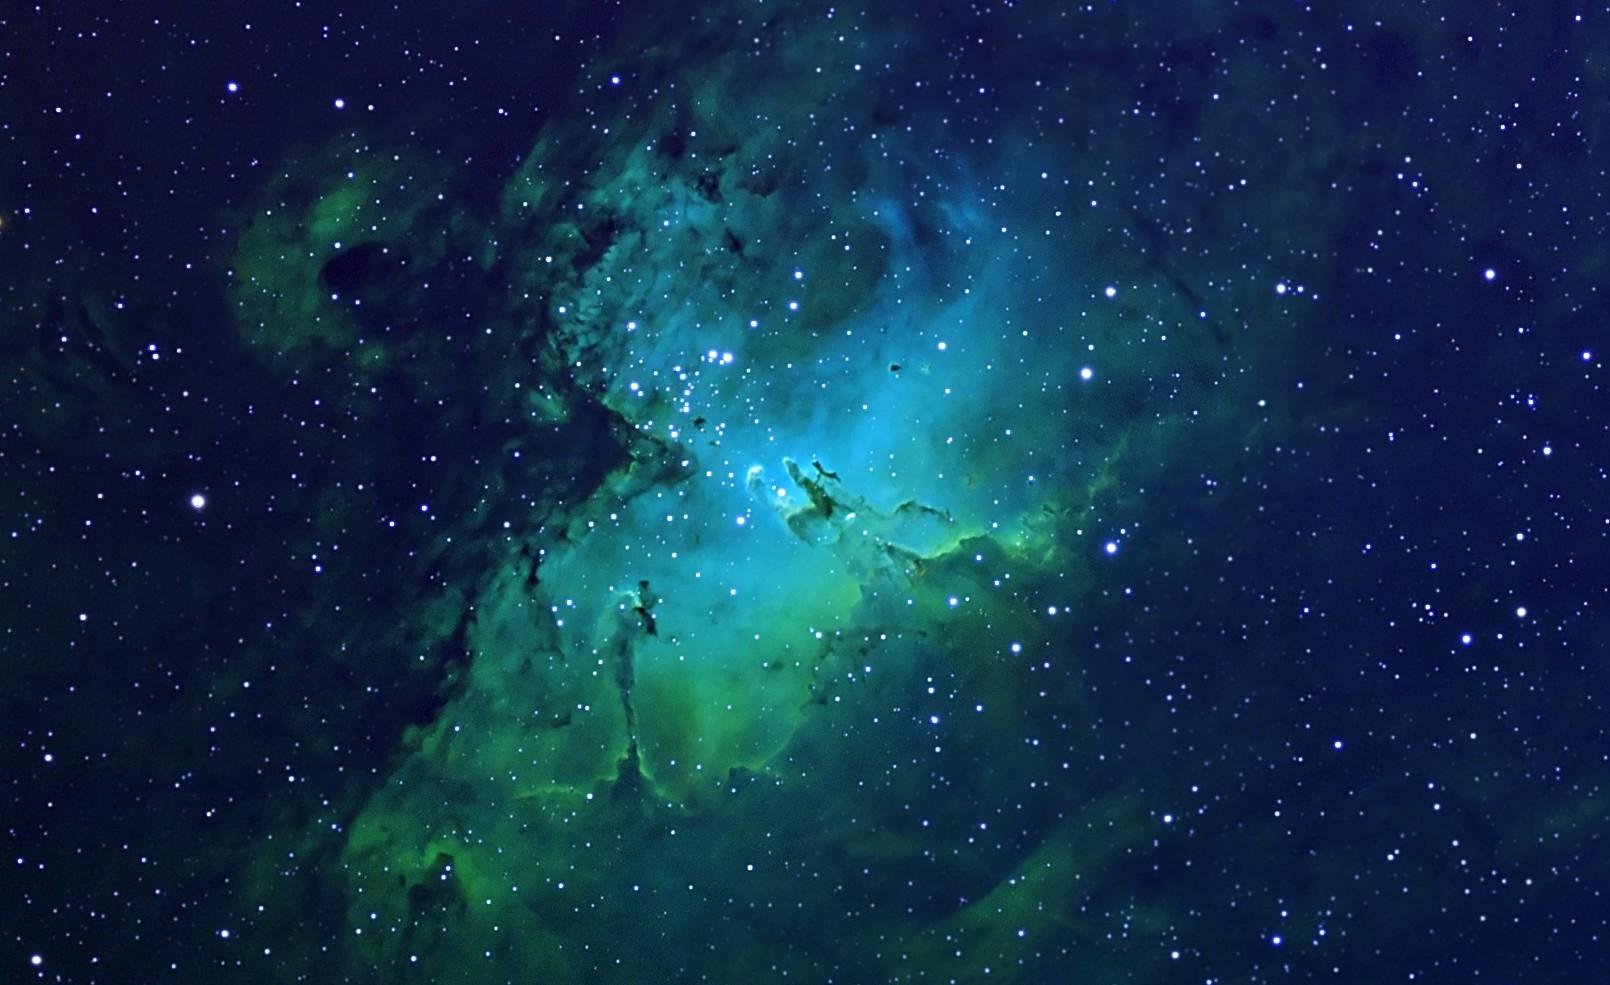 star-sky-hd-wallpapers.jpg.jpg